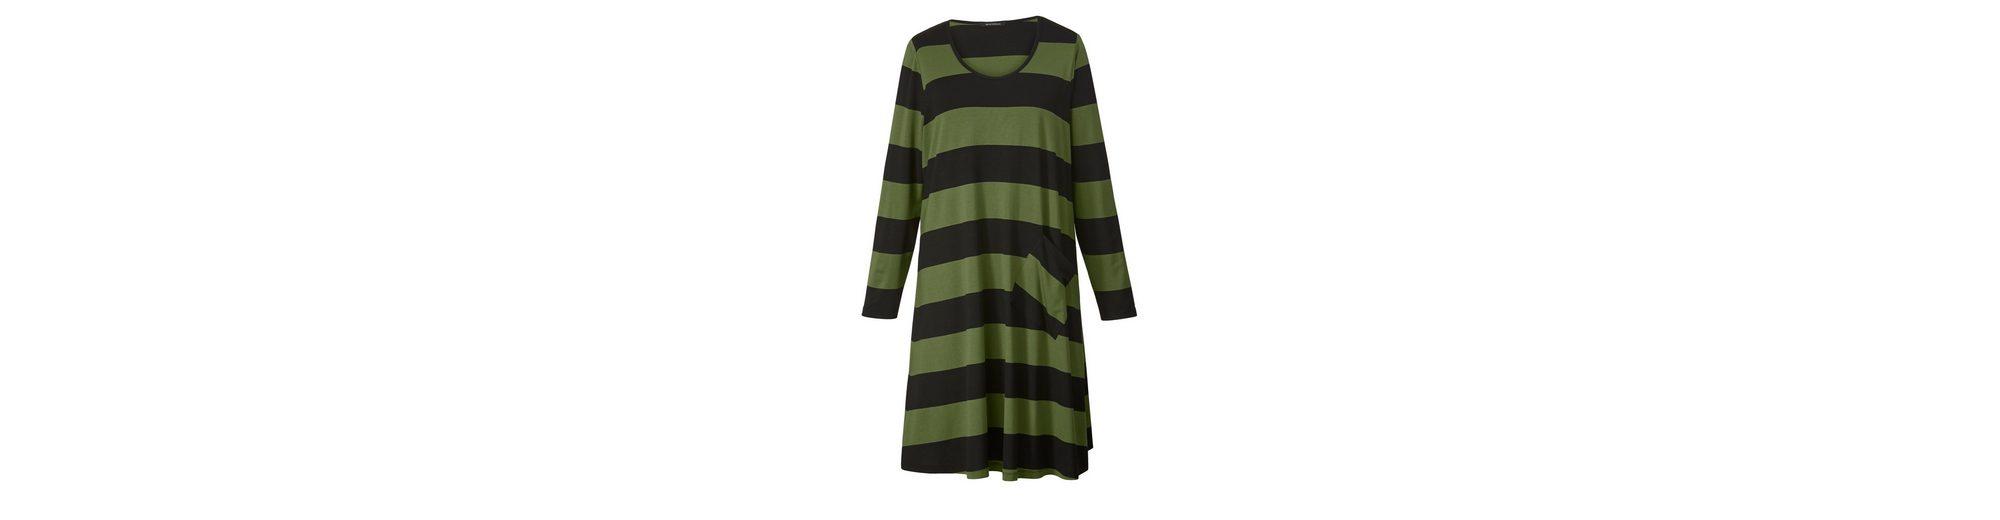 Sara Lindholm by Happy Size Jersey-Kleid gestreift Rabatt Niedrigster Preis Verkauf Online Räumungsverkauf Online Billig Verkauf Bestes Geschäft Zu Bekommen N1e1SbXK